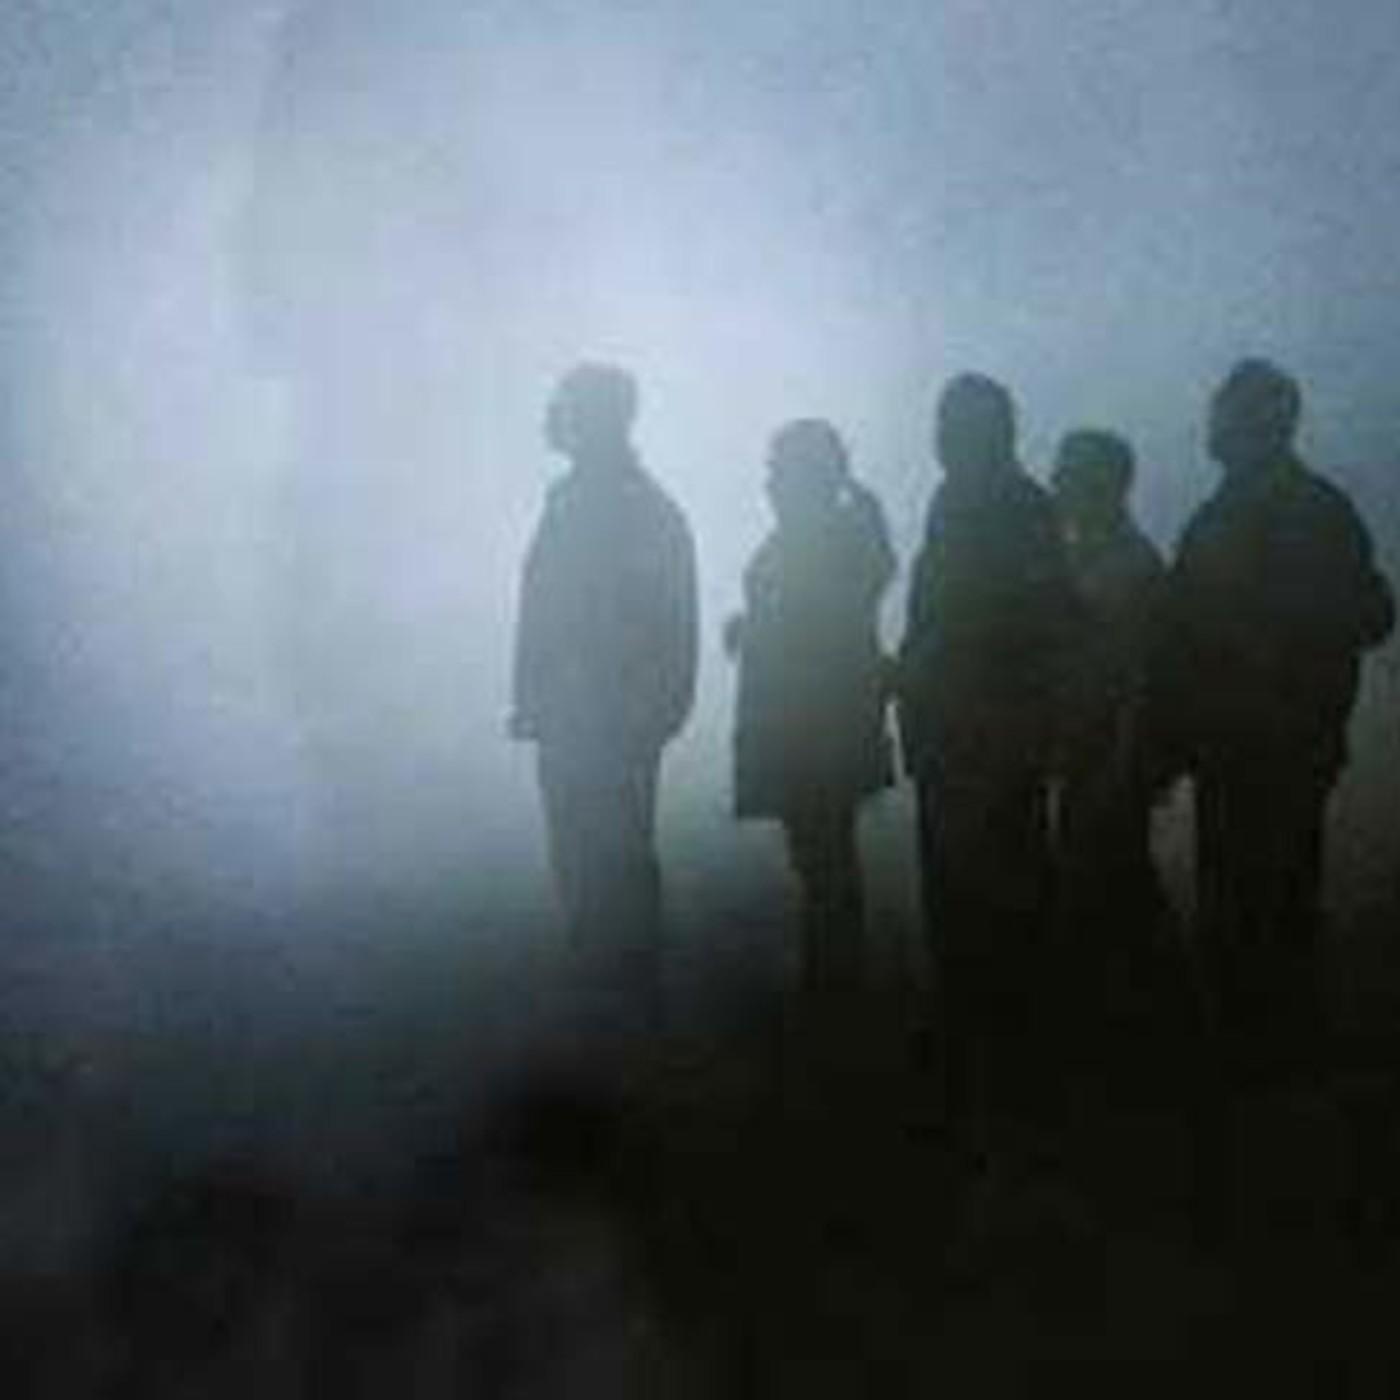 Cuarto milenio: Desapariciones inquietantes (11/03/2007) en Cuarto ...